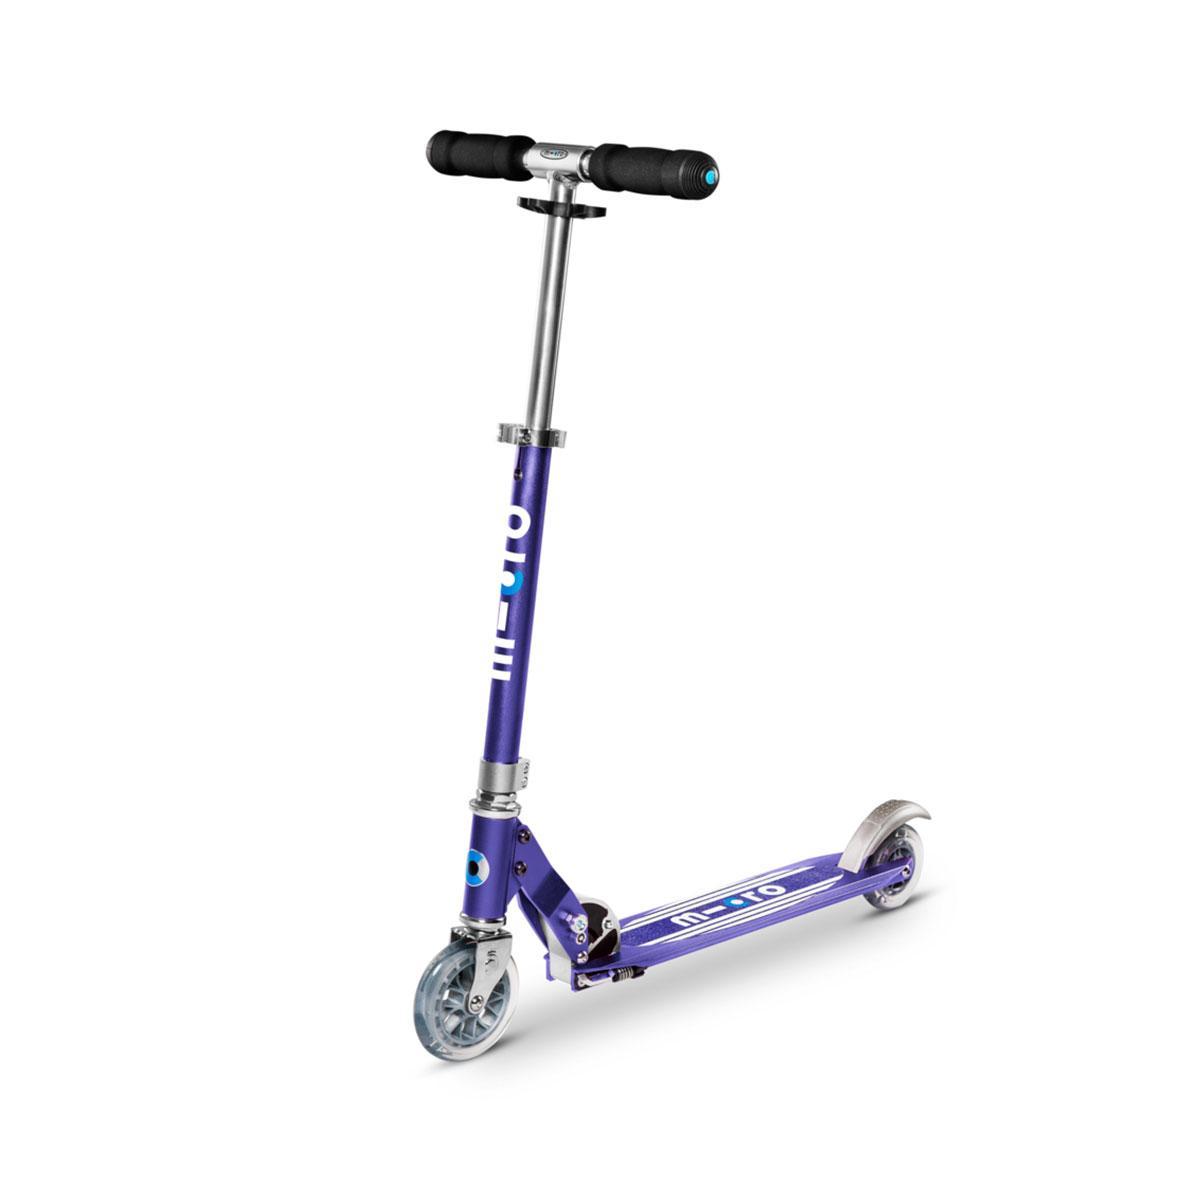 """Самокат Micro серії """"Sprite Special Edition"""""""" – Синій (дека в смужку, до 100 kg, 2-х колісний)"""